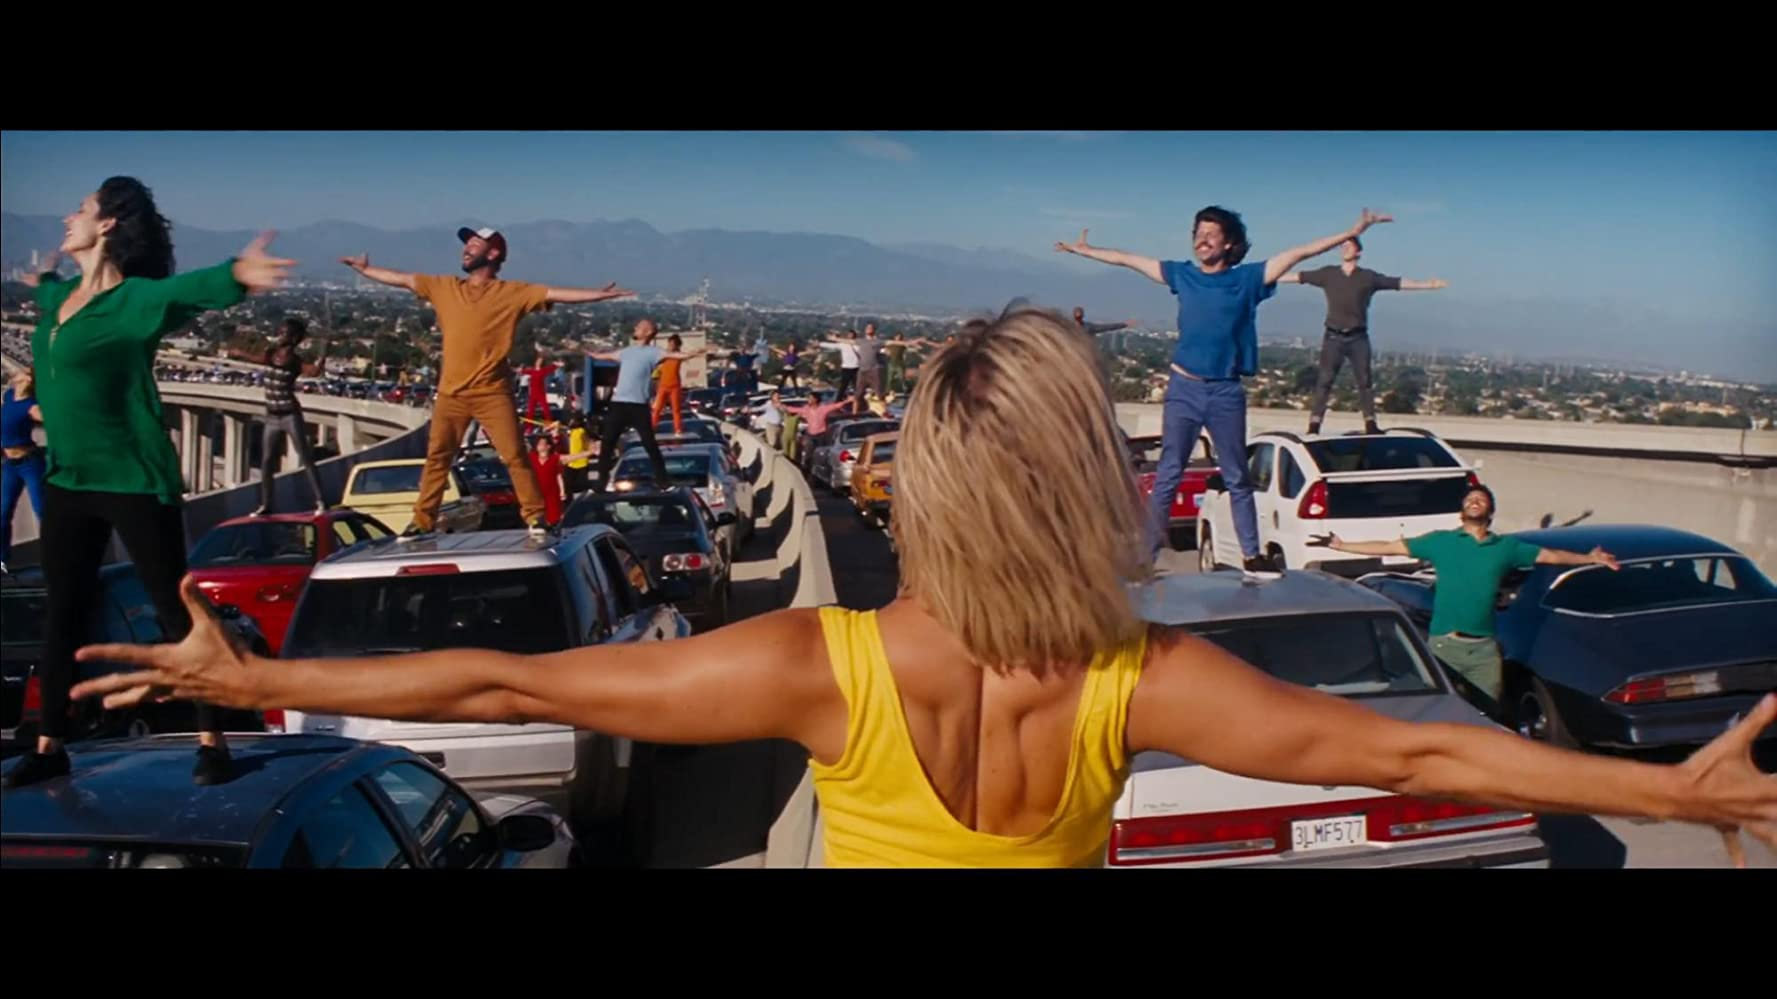 La La Land is a must-see dancing